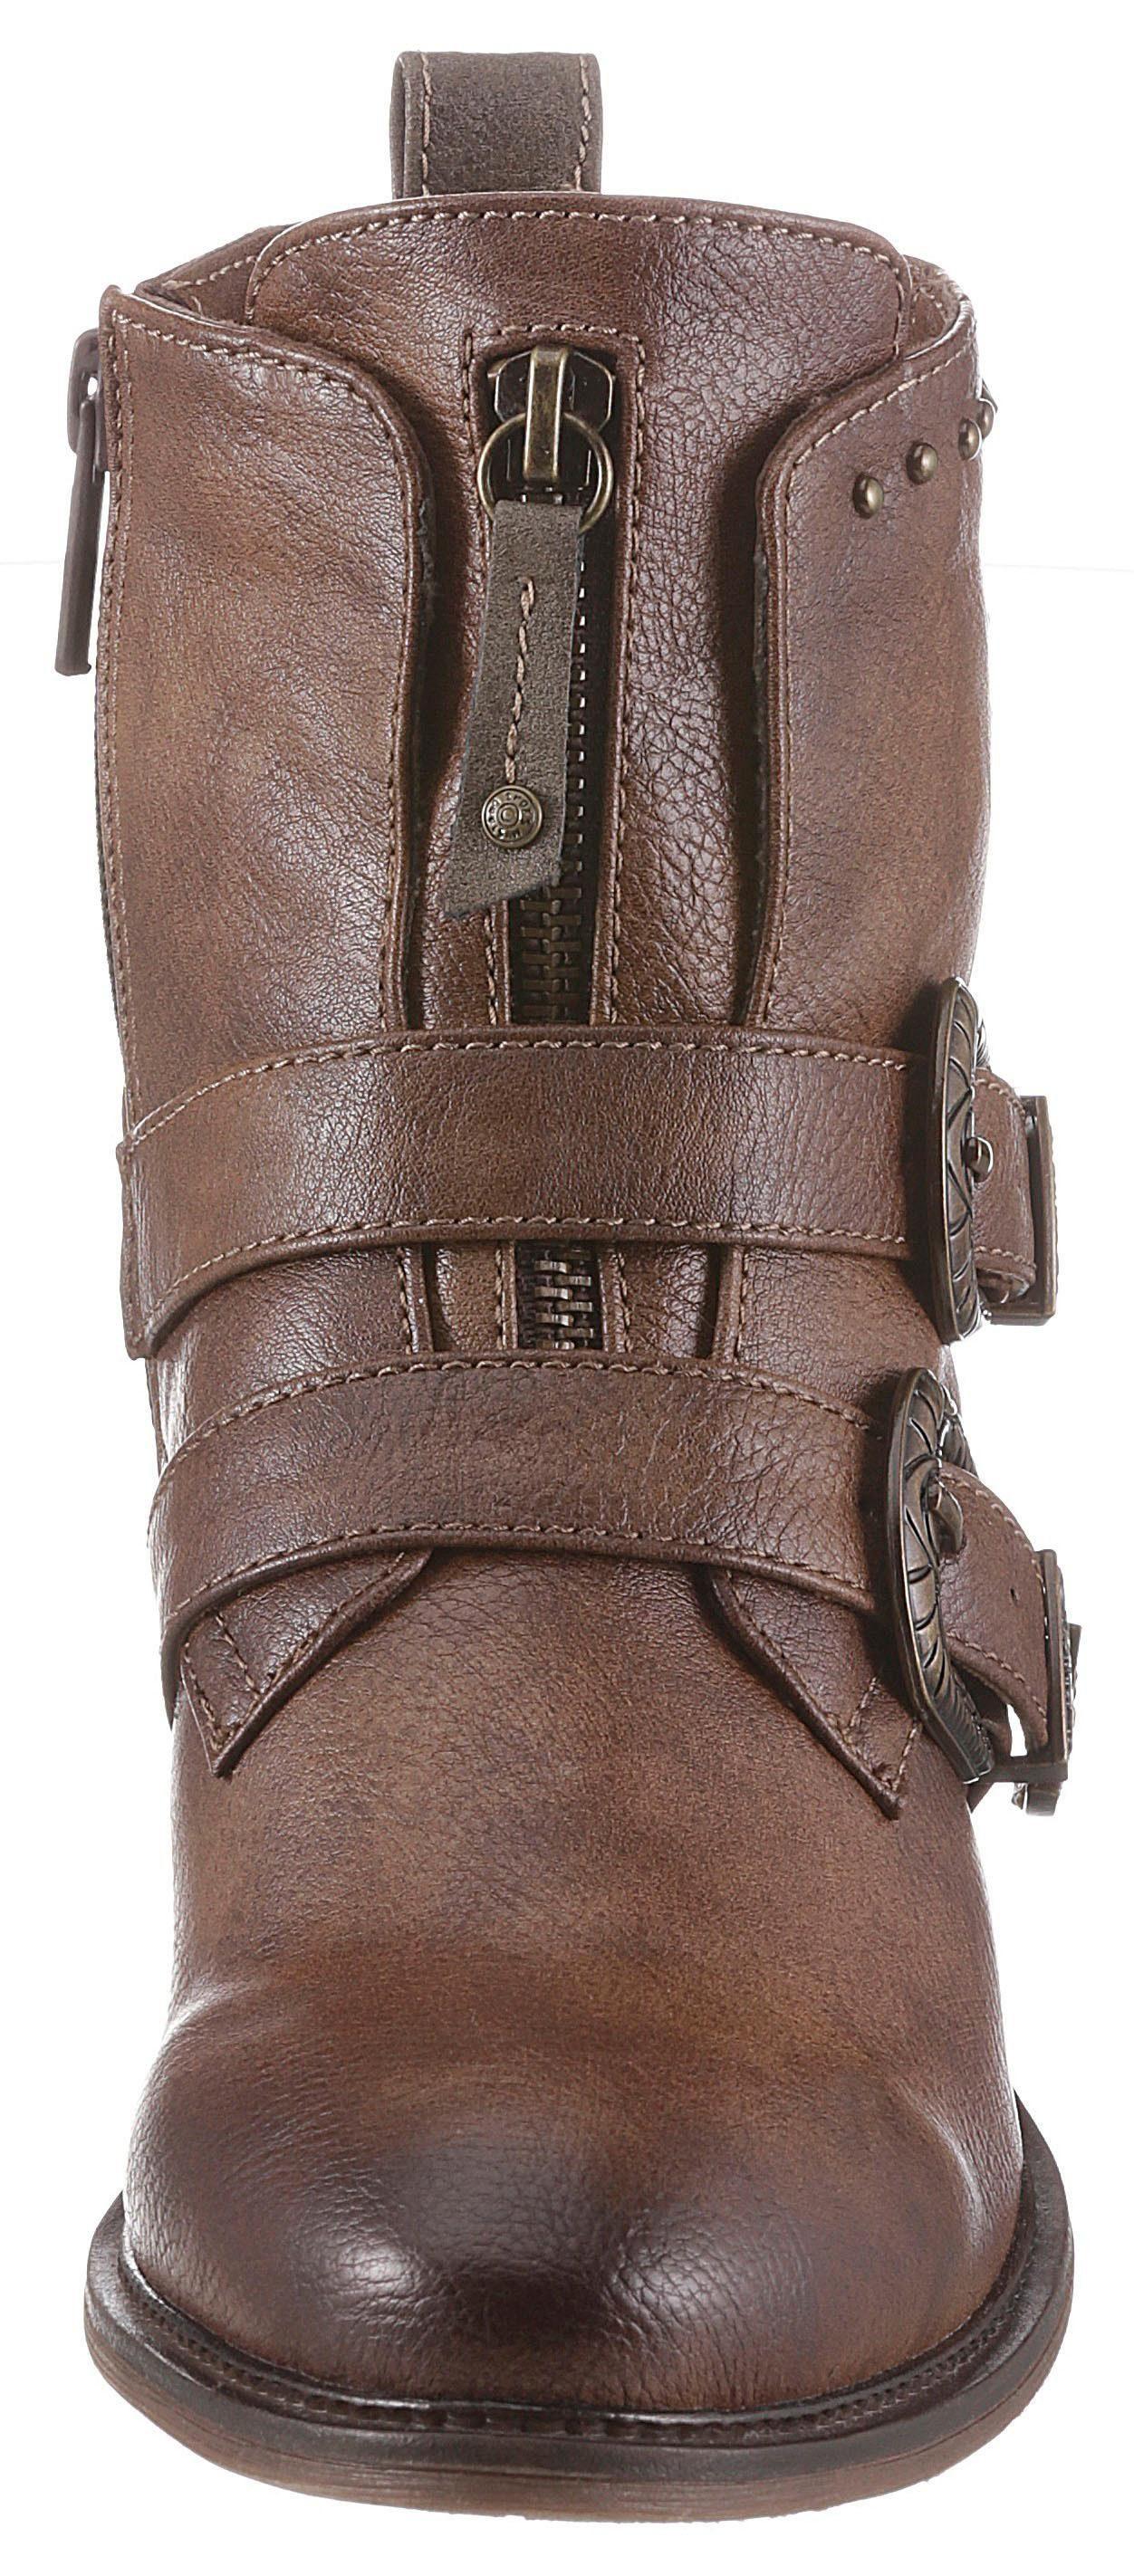 Zierschnallen Mustang Mit Shoes Online Kaufen Cowboy Stiefelette Aufwendigen odeWCxrB